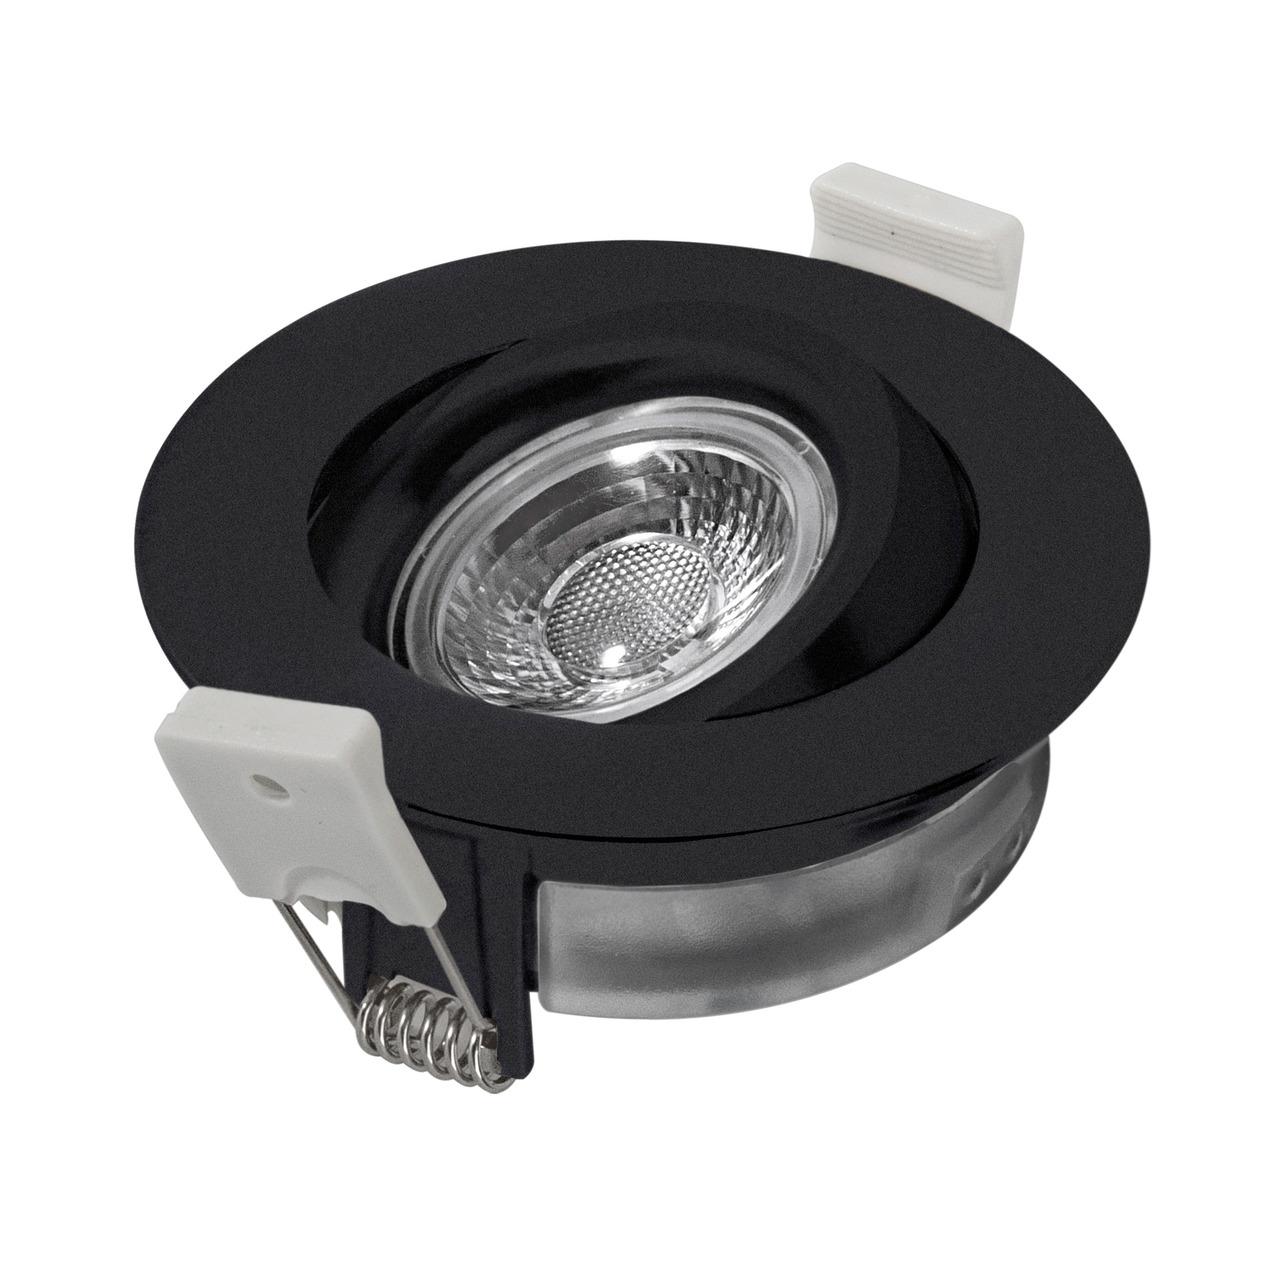 HEITRONIC 7-W-LED-Einbaustrahler DL6809- dimmbar- schwenk- und drehbar- IP44- schwarz